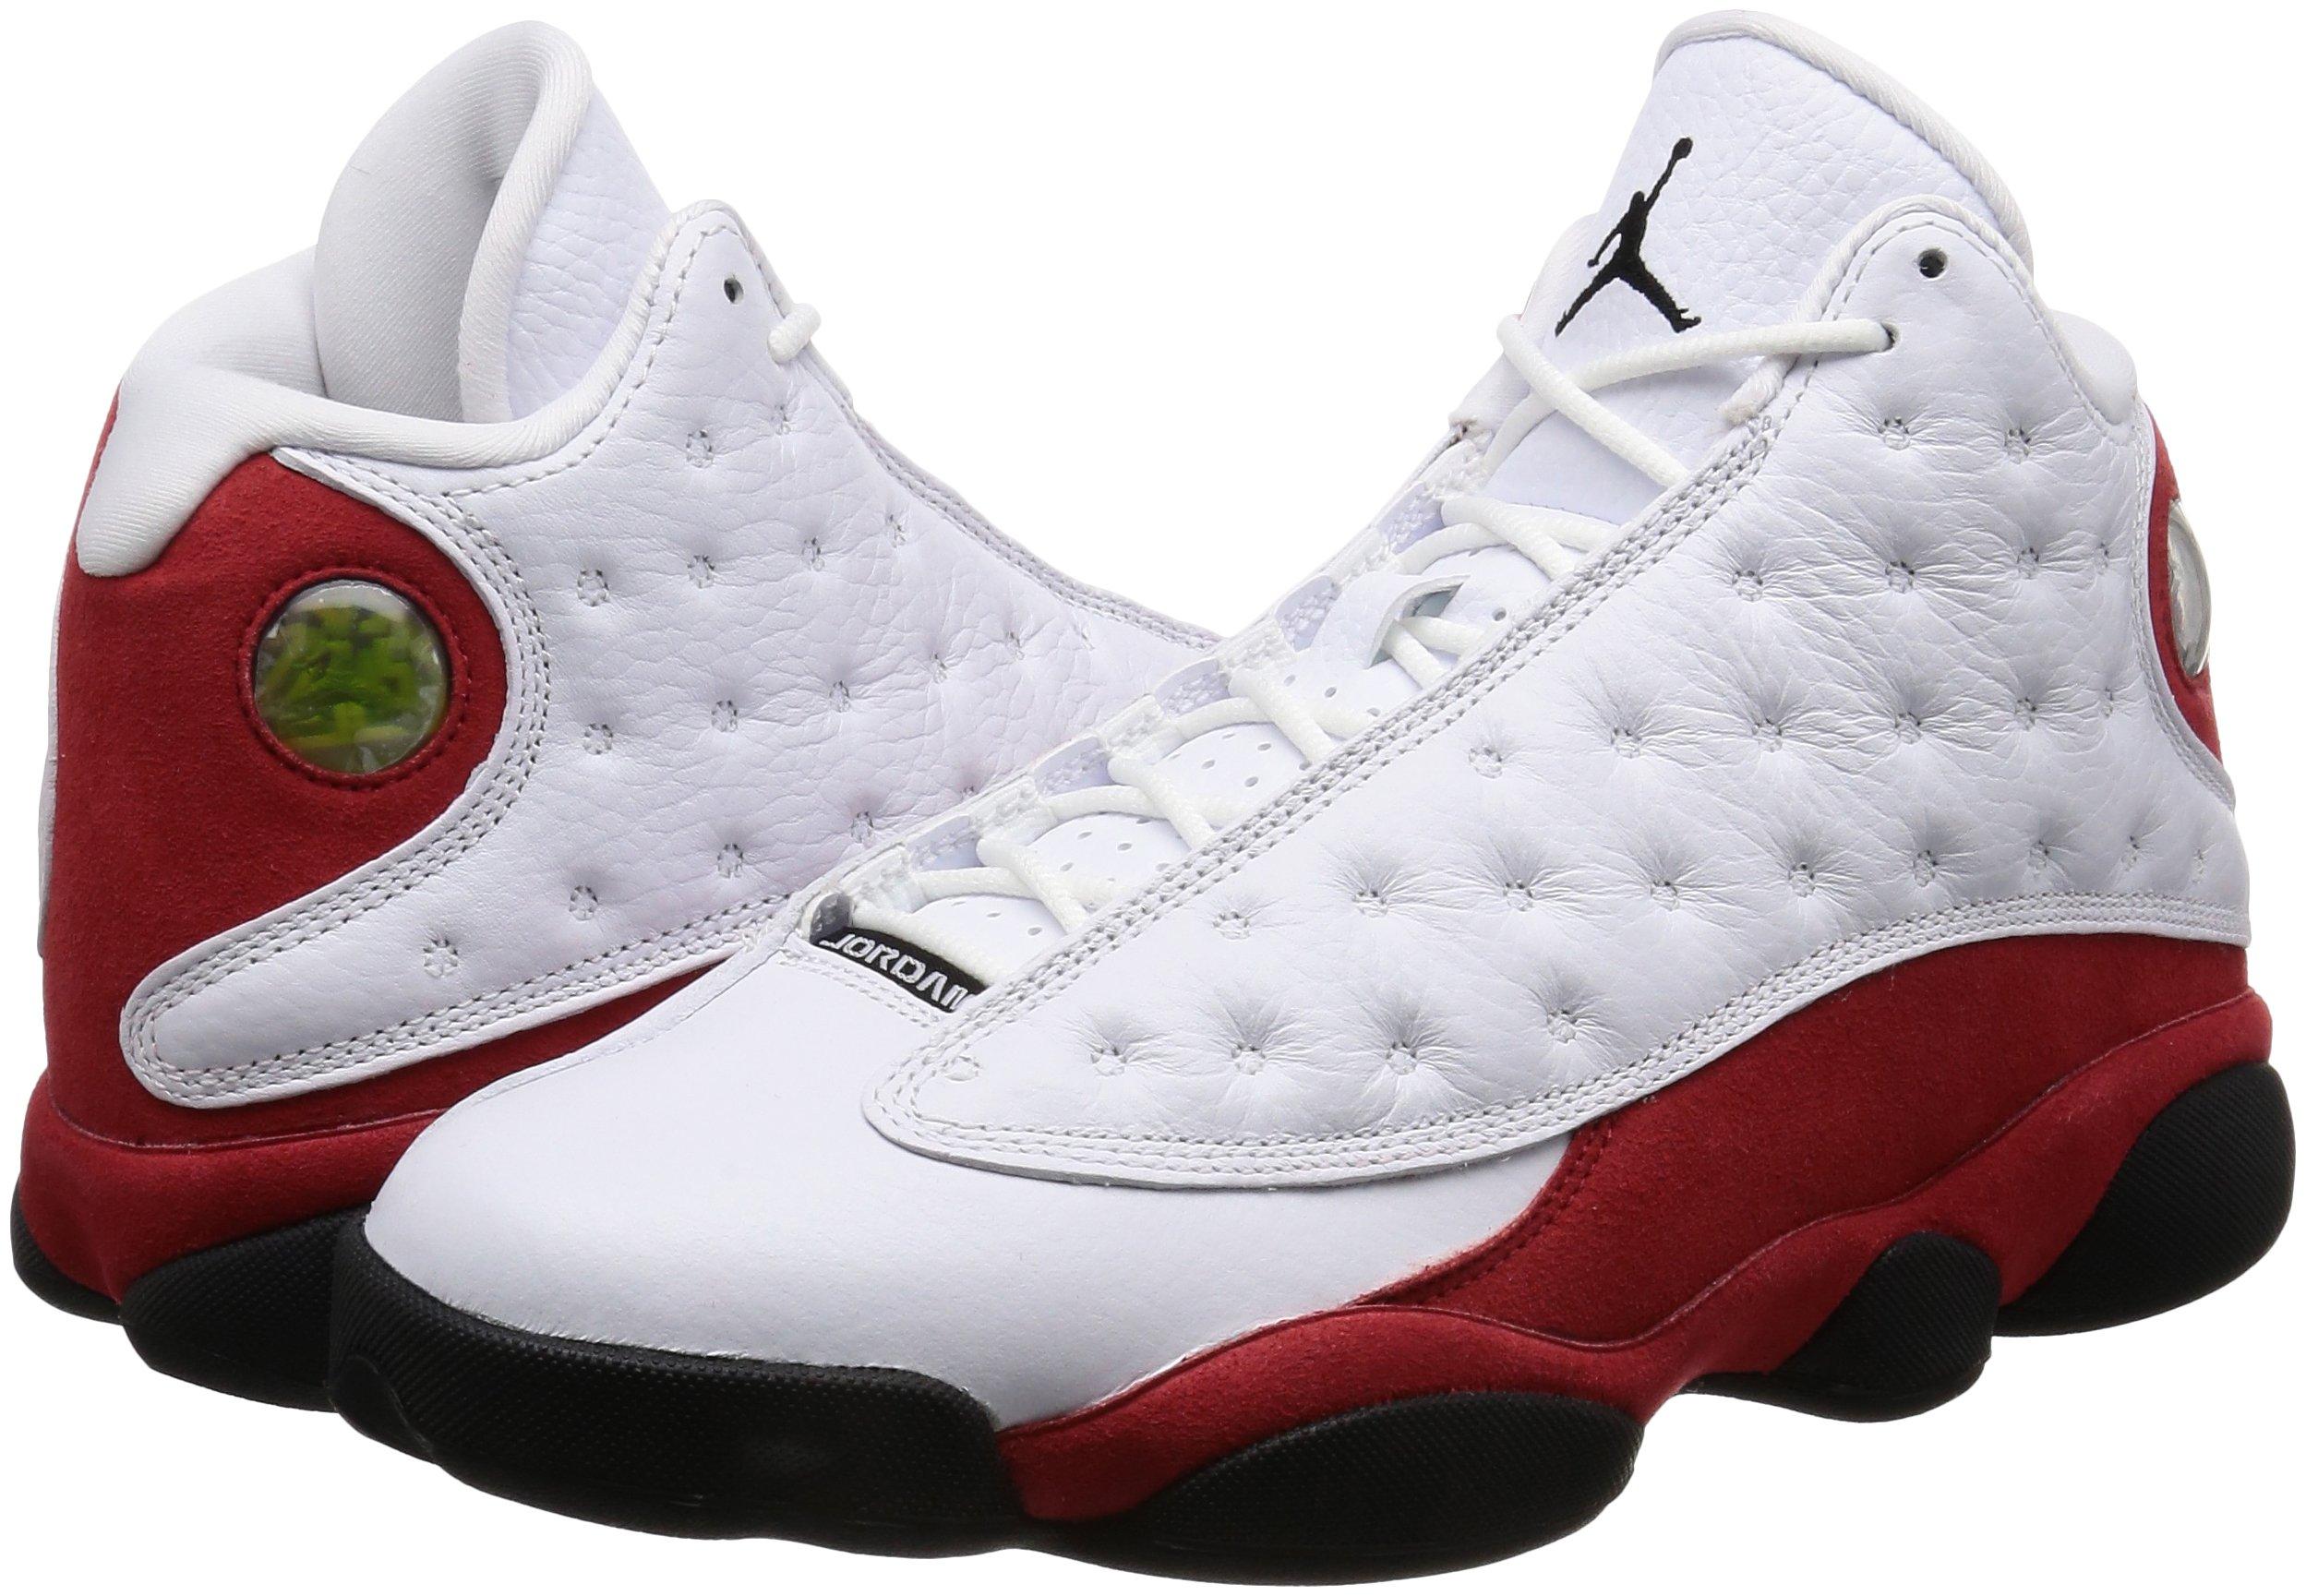 Amazon.com: The Sneakershop: Air Jordan 13